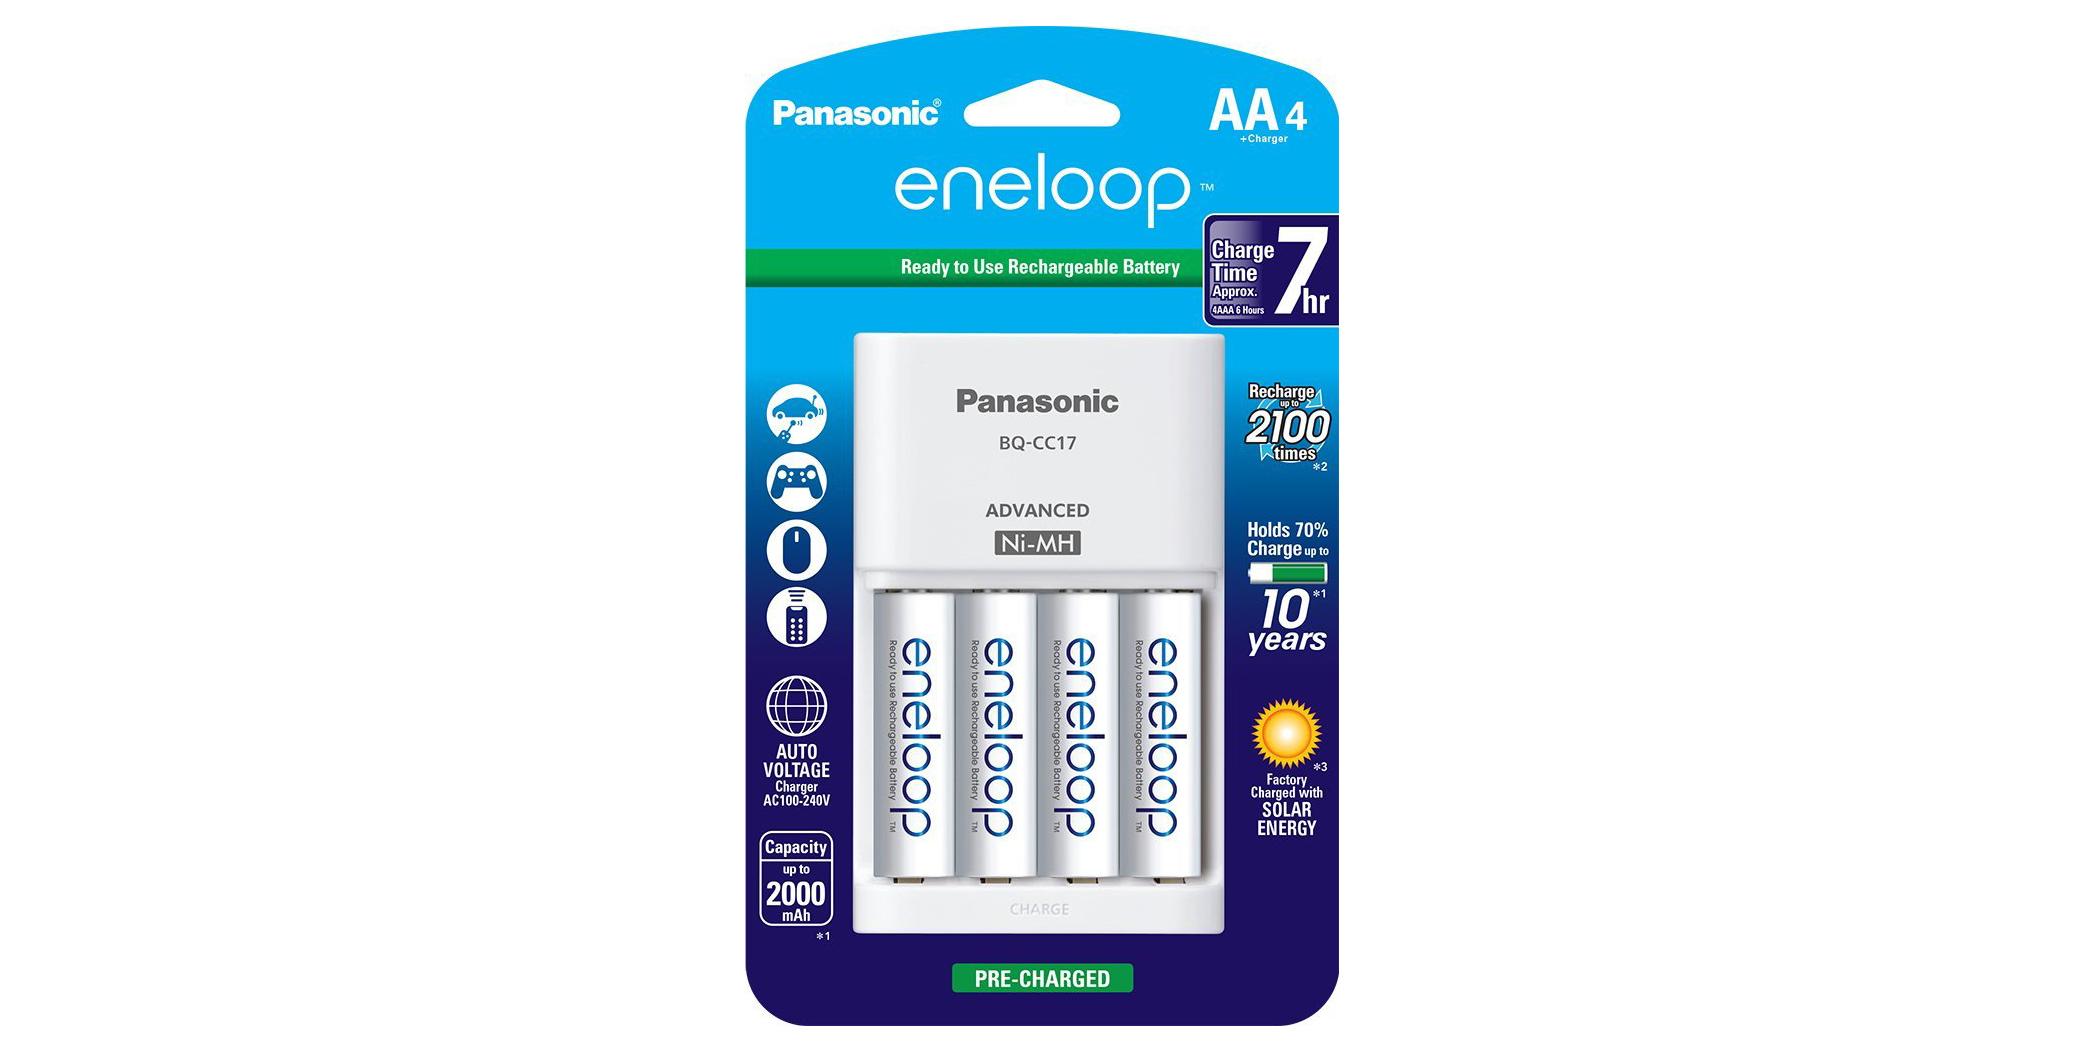 panasonic-eneloop-4-aa-battery